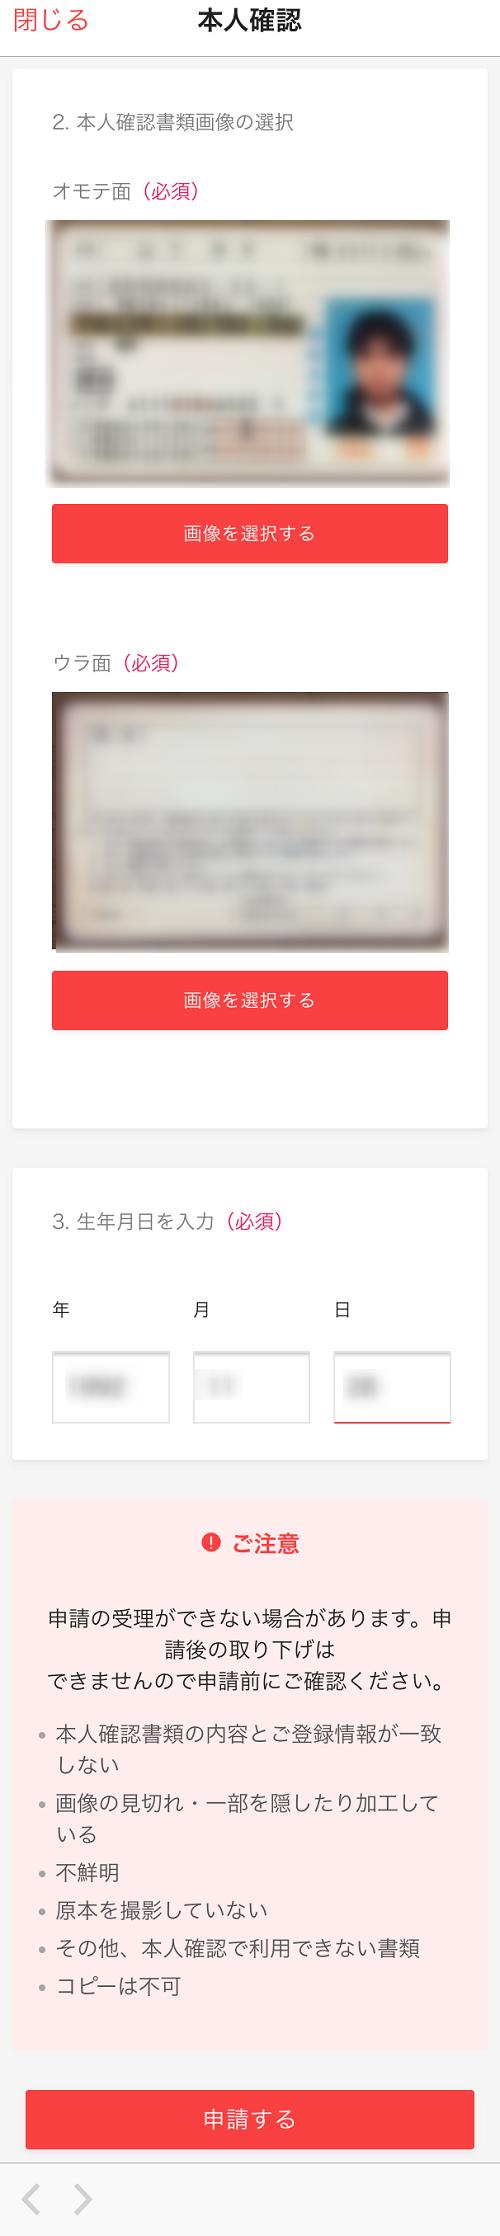 アプリ版ラクマの本人確認書類の設置例